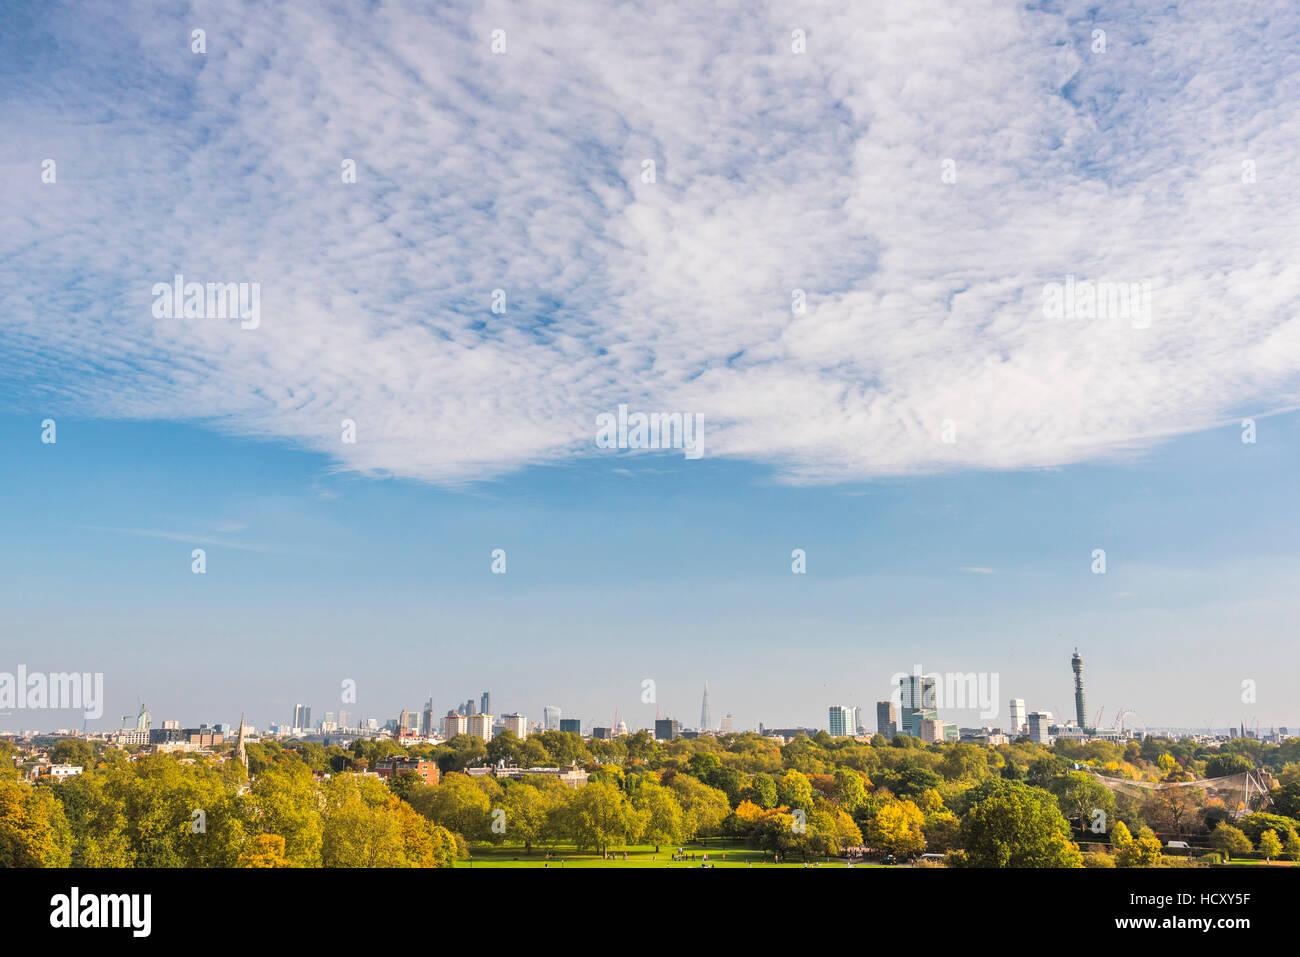 Ciudad en otoño visto desde Primrose Hill, Chalk Farm, London Borough of Camden, Londres, Reino Unido. Imagen De Stock